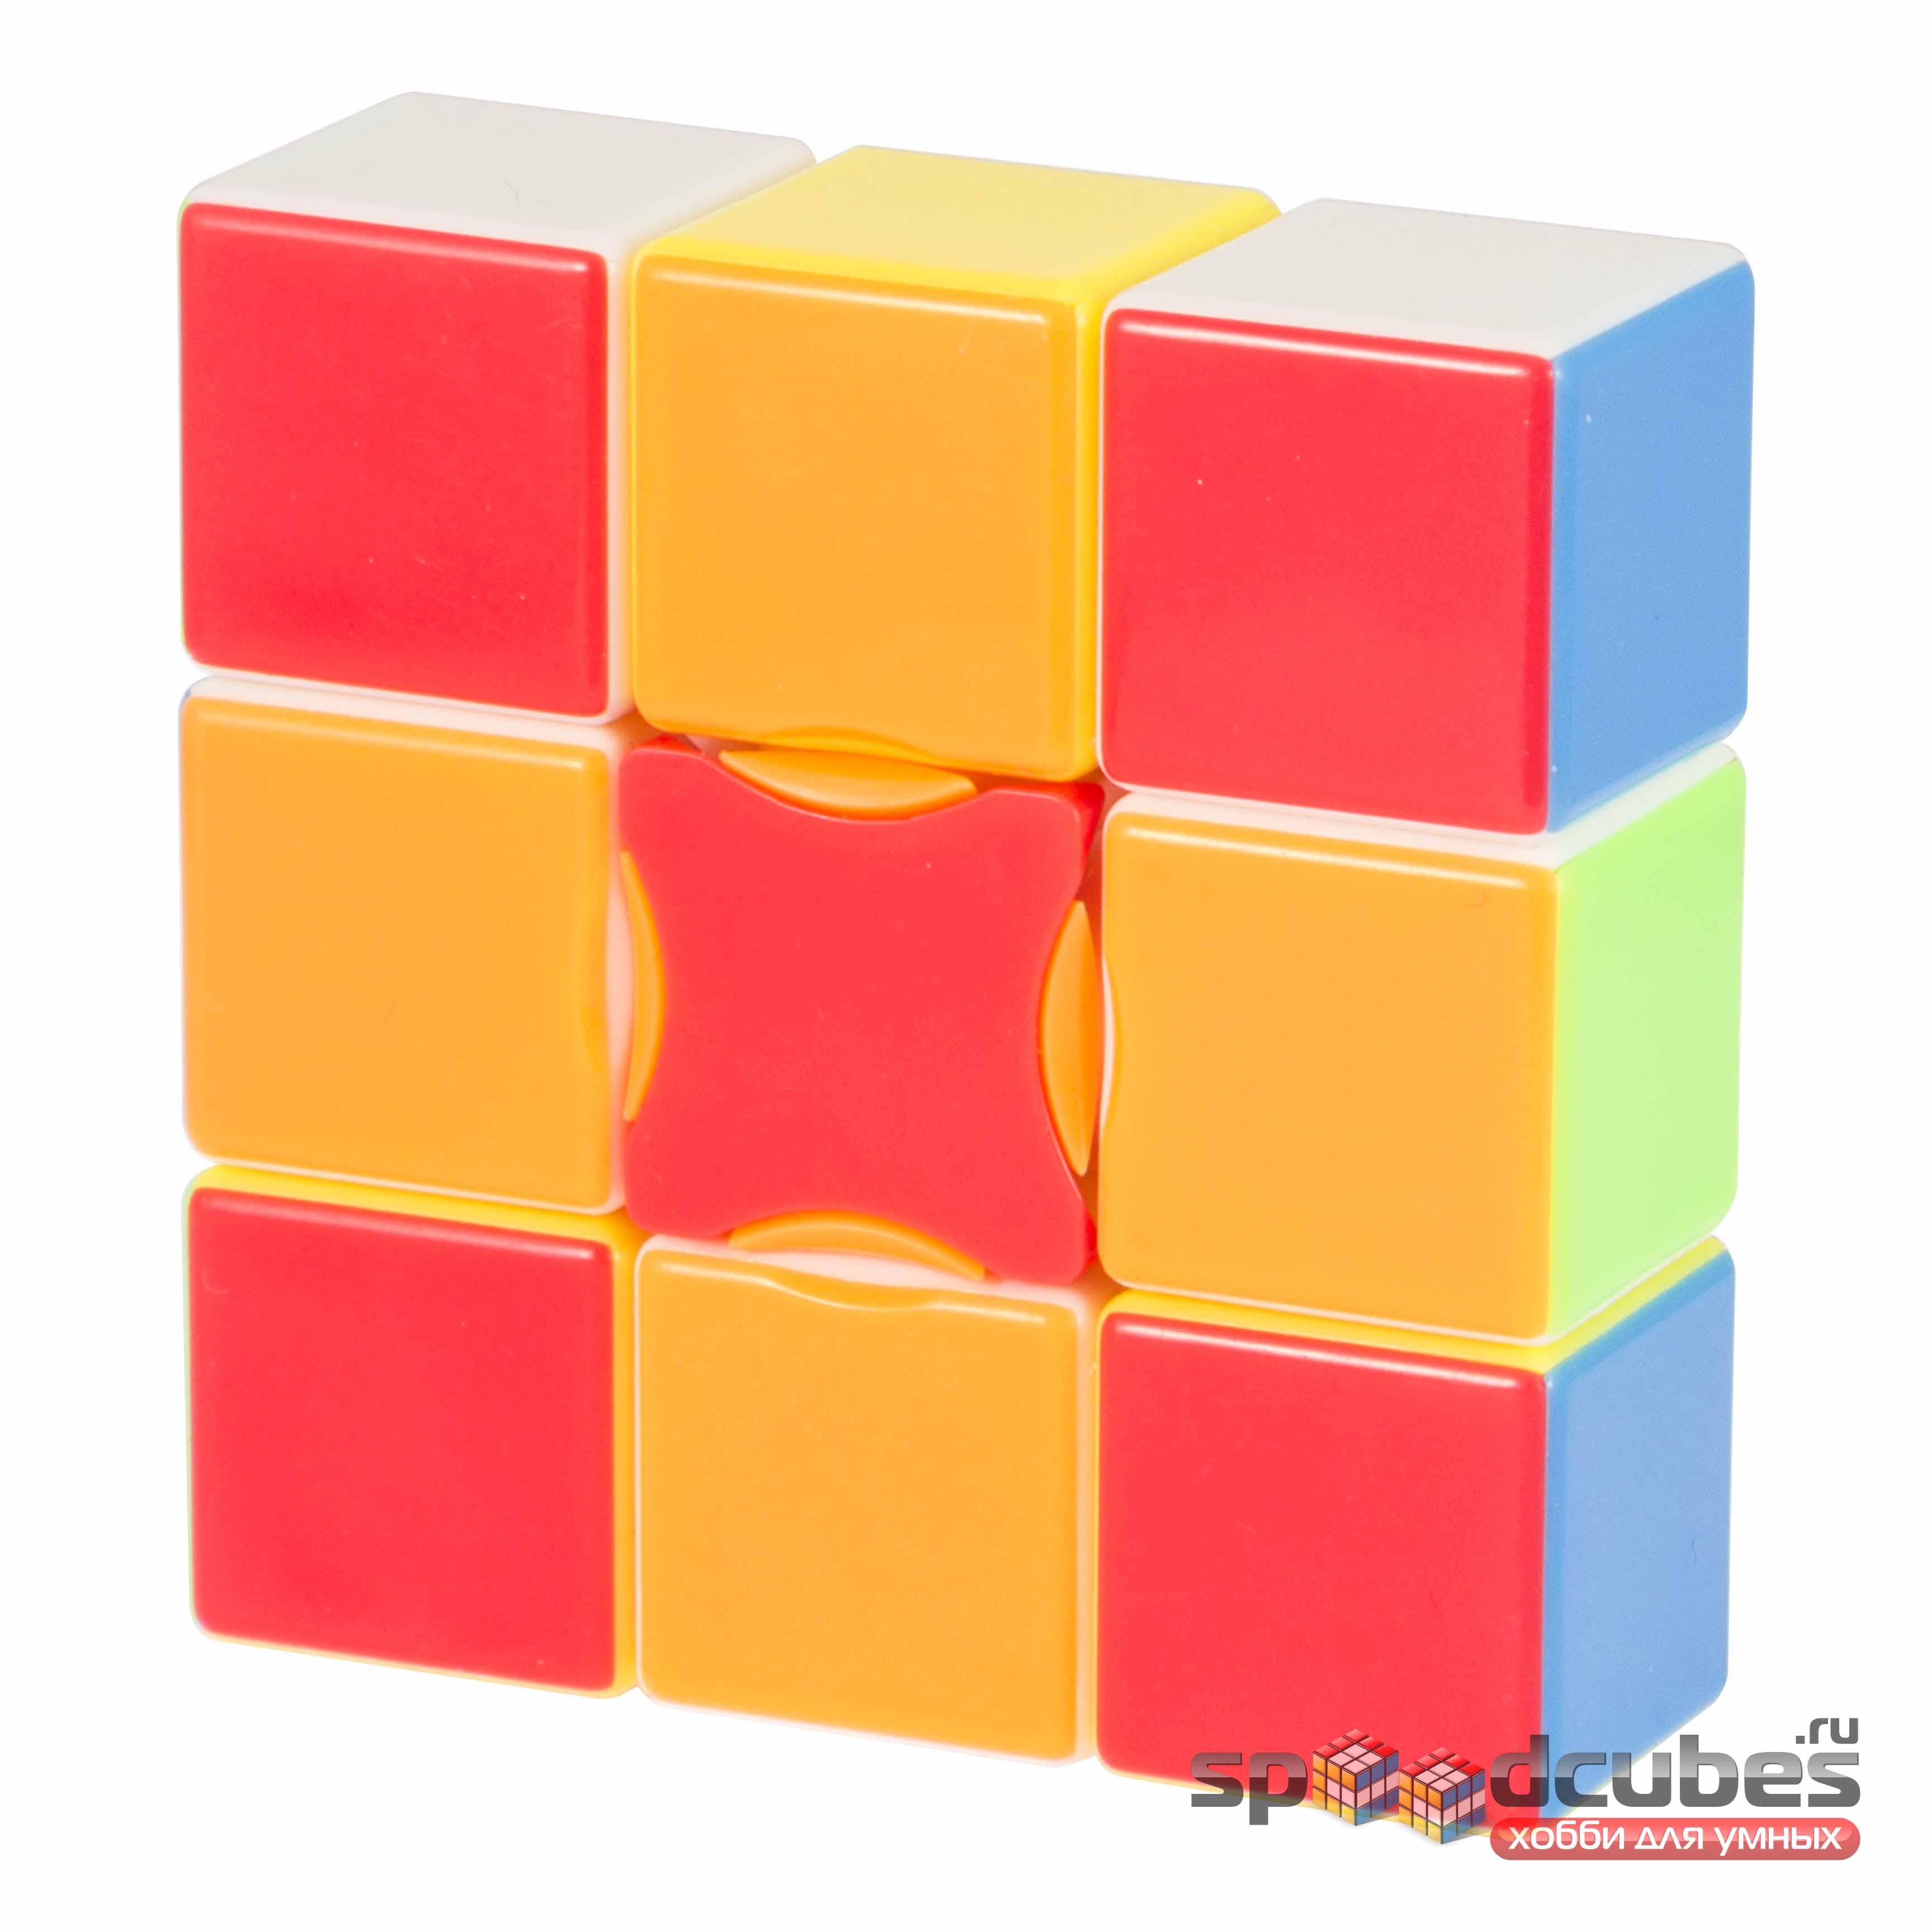 YJ 3x3x1 Floppy (цв) 3